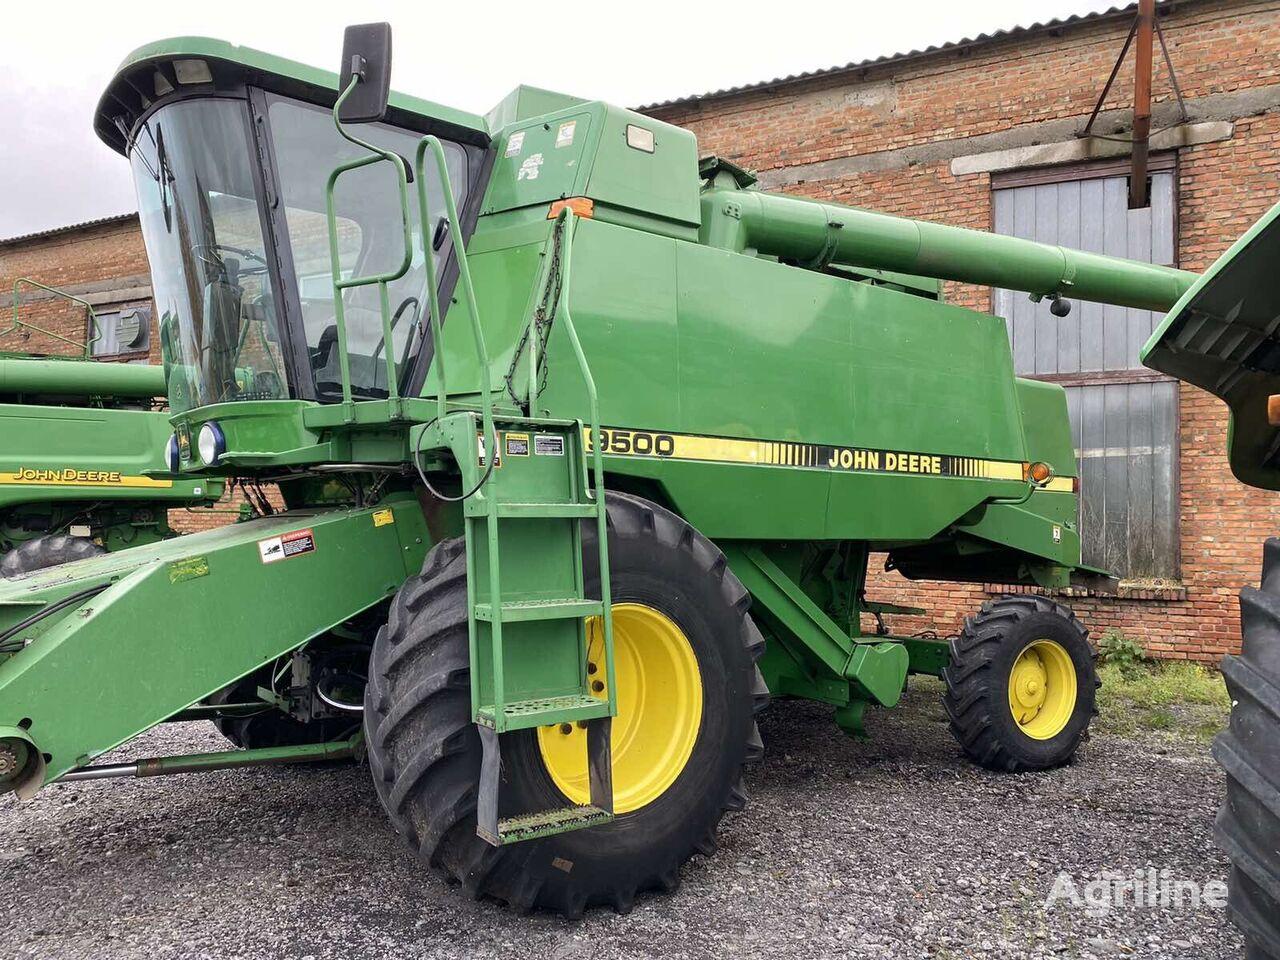 JOHN DEERE 9500 grain harvester